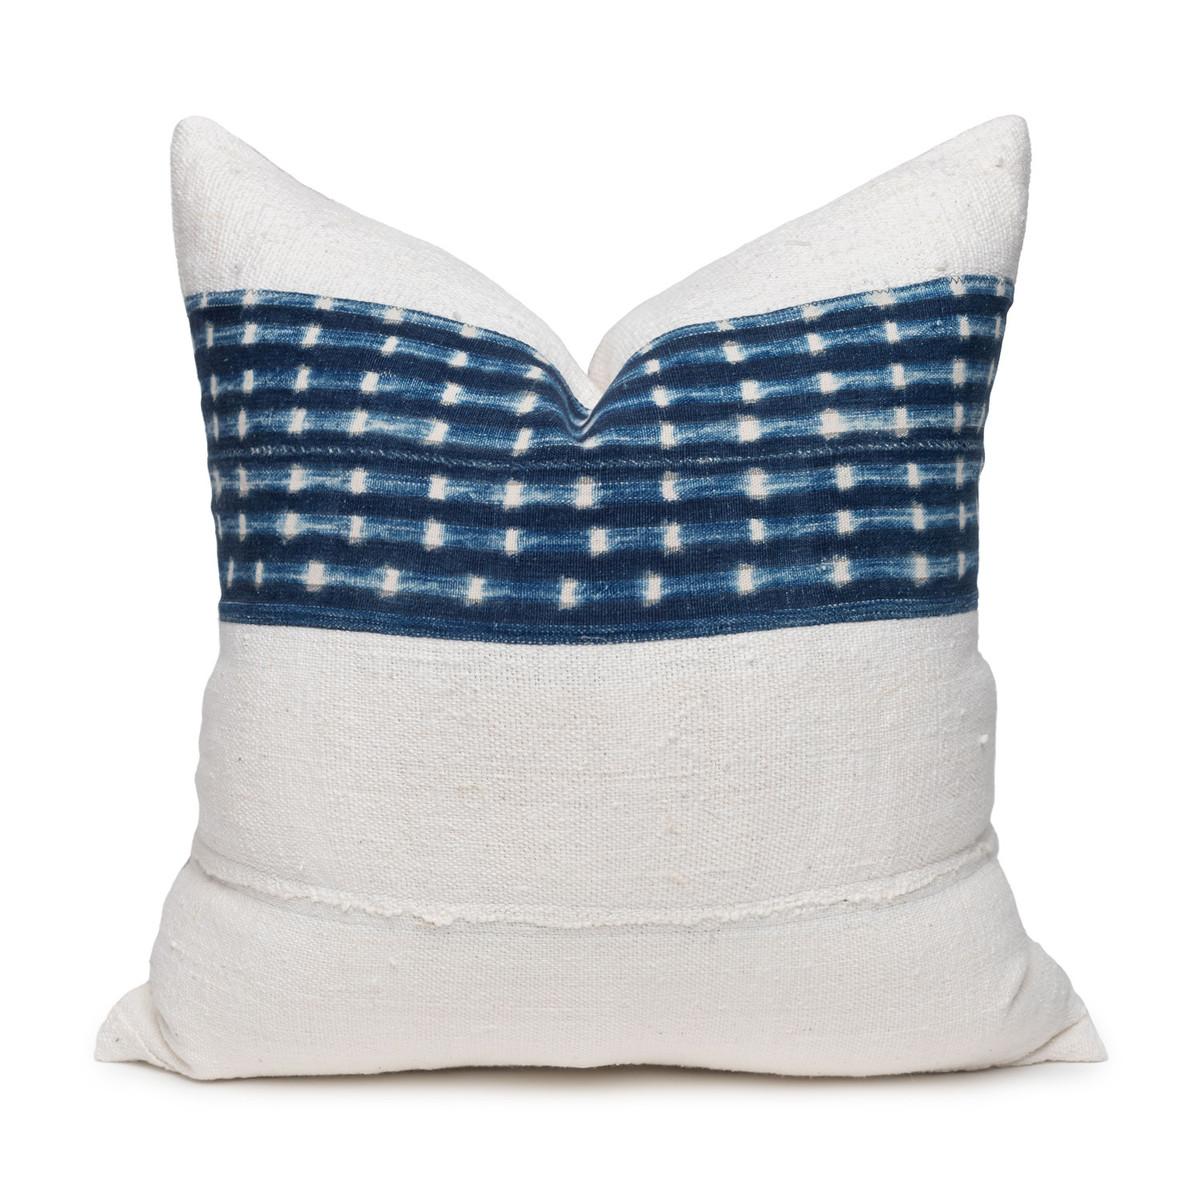 Lunar Pillow - 22 - Front View